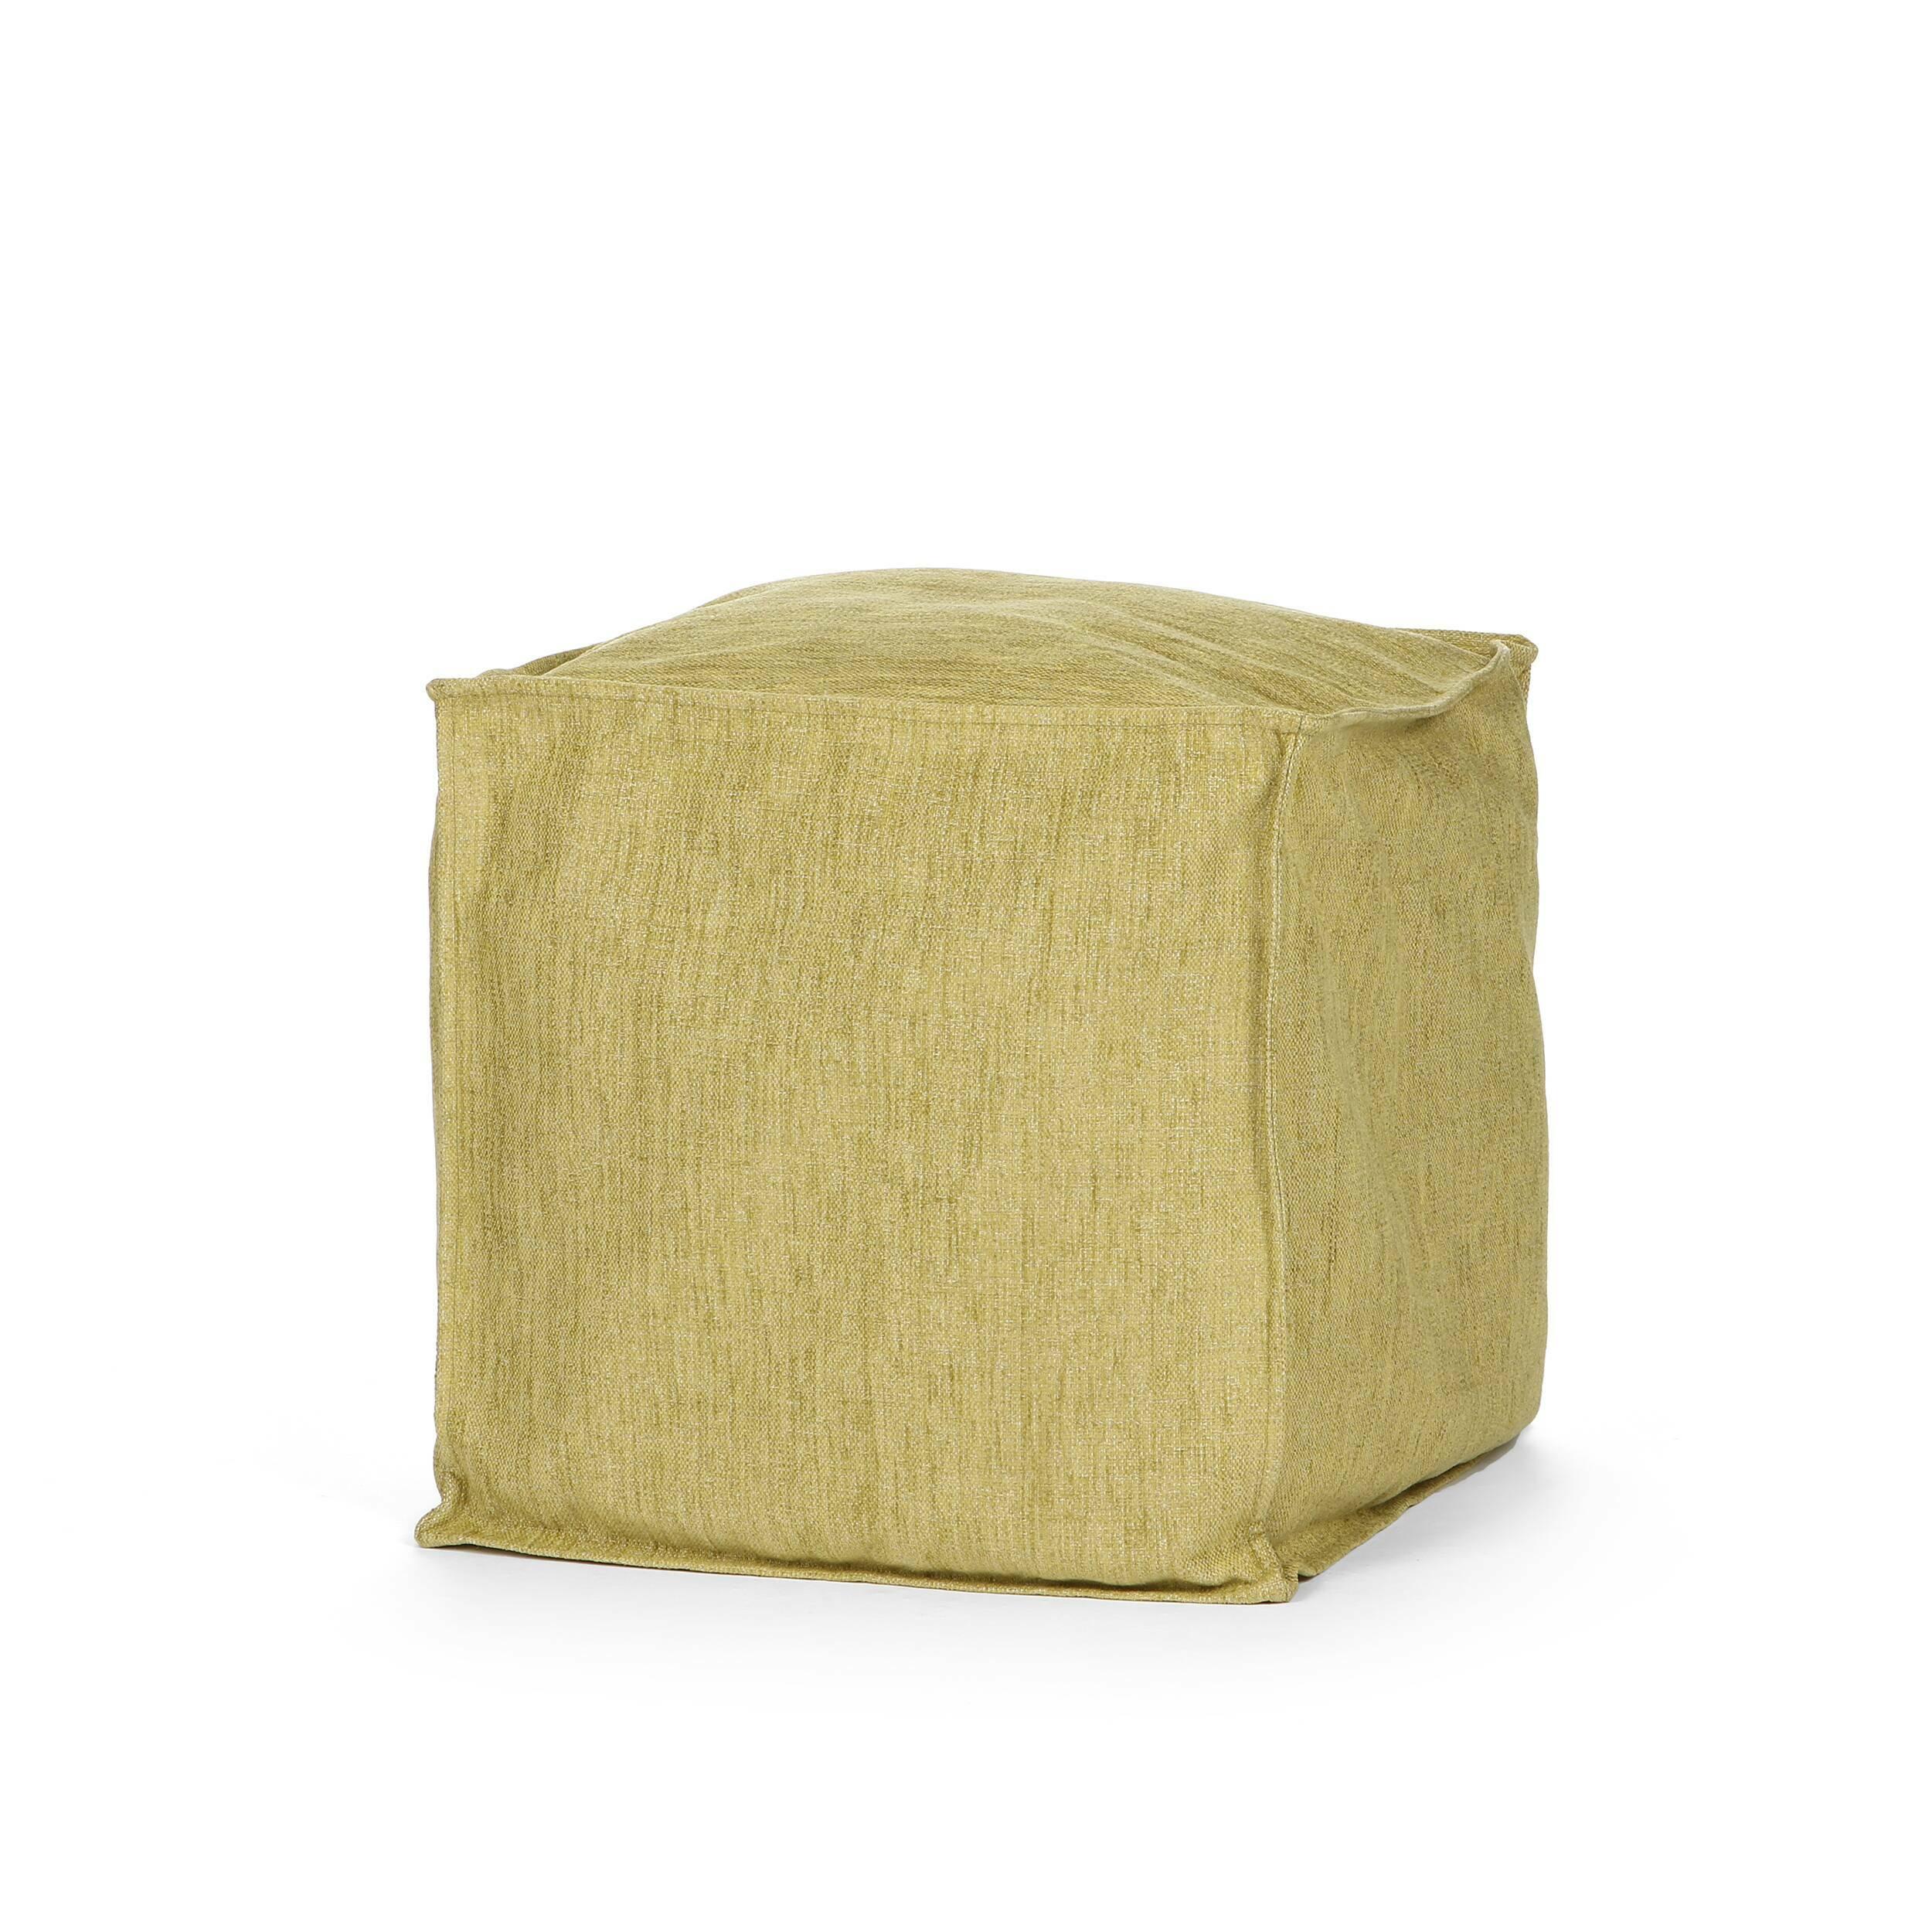 Пуф Fatty 45x45Пуфы и оттоманки<br>Дизайнерский пуф Fatty 45х45 представляет собой мягкий уютный куб, который может отлично вписаться как в домашний интерьер, так и в интерьер современного комфортного офиса или, например, модной гостиной. Пуфик замечательно справляется со своей главной задачей — дополнять интерьер теплом и уютом, а также помогать вам расслабиться во время обеденного или вечернего отдыха.<br><br><br> Отличным плюсом данного пуфика является съемный чехол, благодаря чему пуфик легко чистить и приводить в идеальный...<br><br>stock: 1<br>Высота: 45<br>Ширина: 45<br>Глубина: 45<br>Цвет сидения: Желтый<br>Тип материала сидения: Ткань